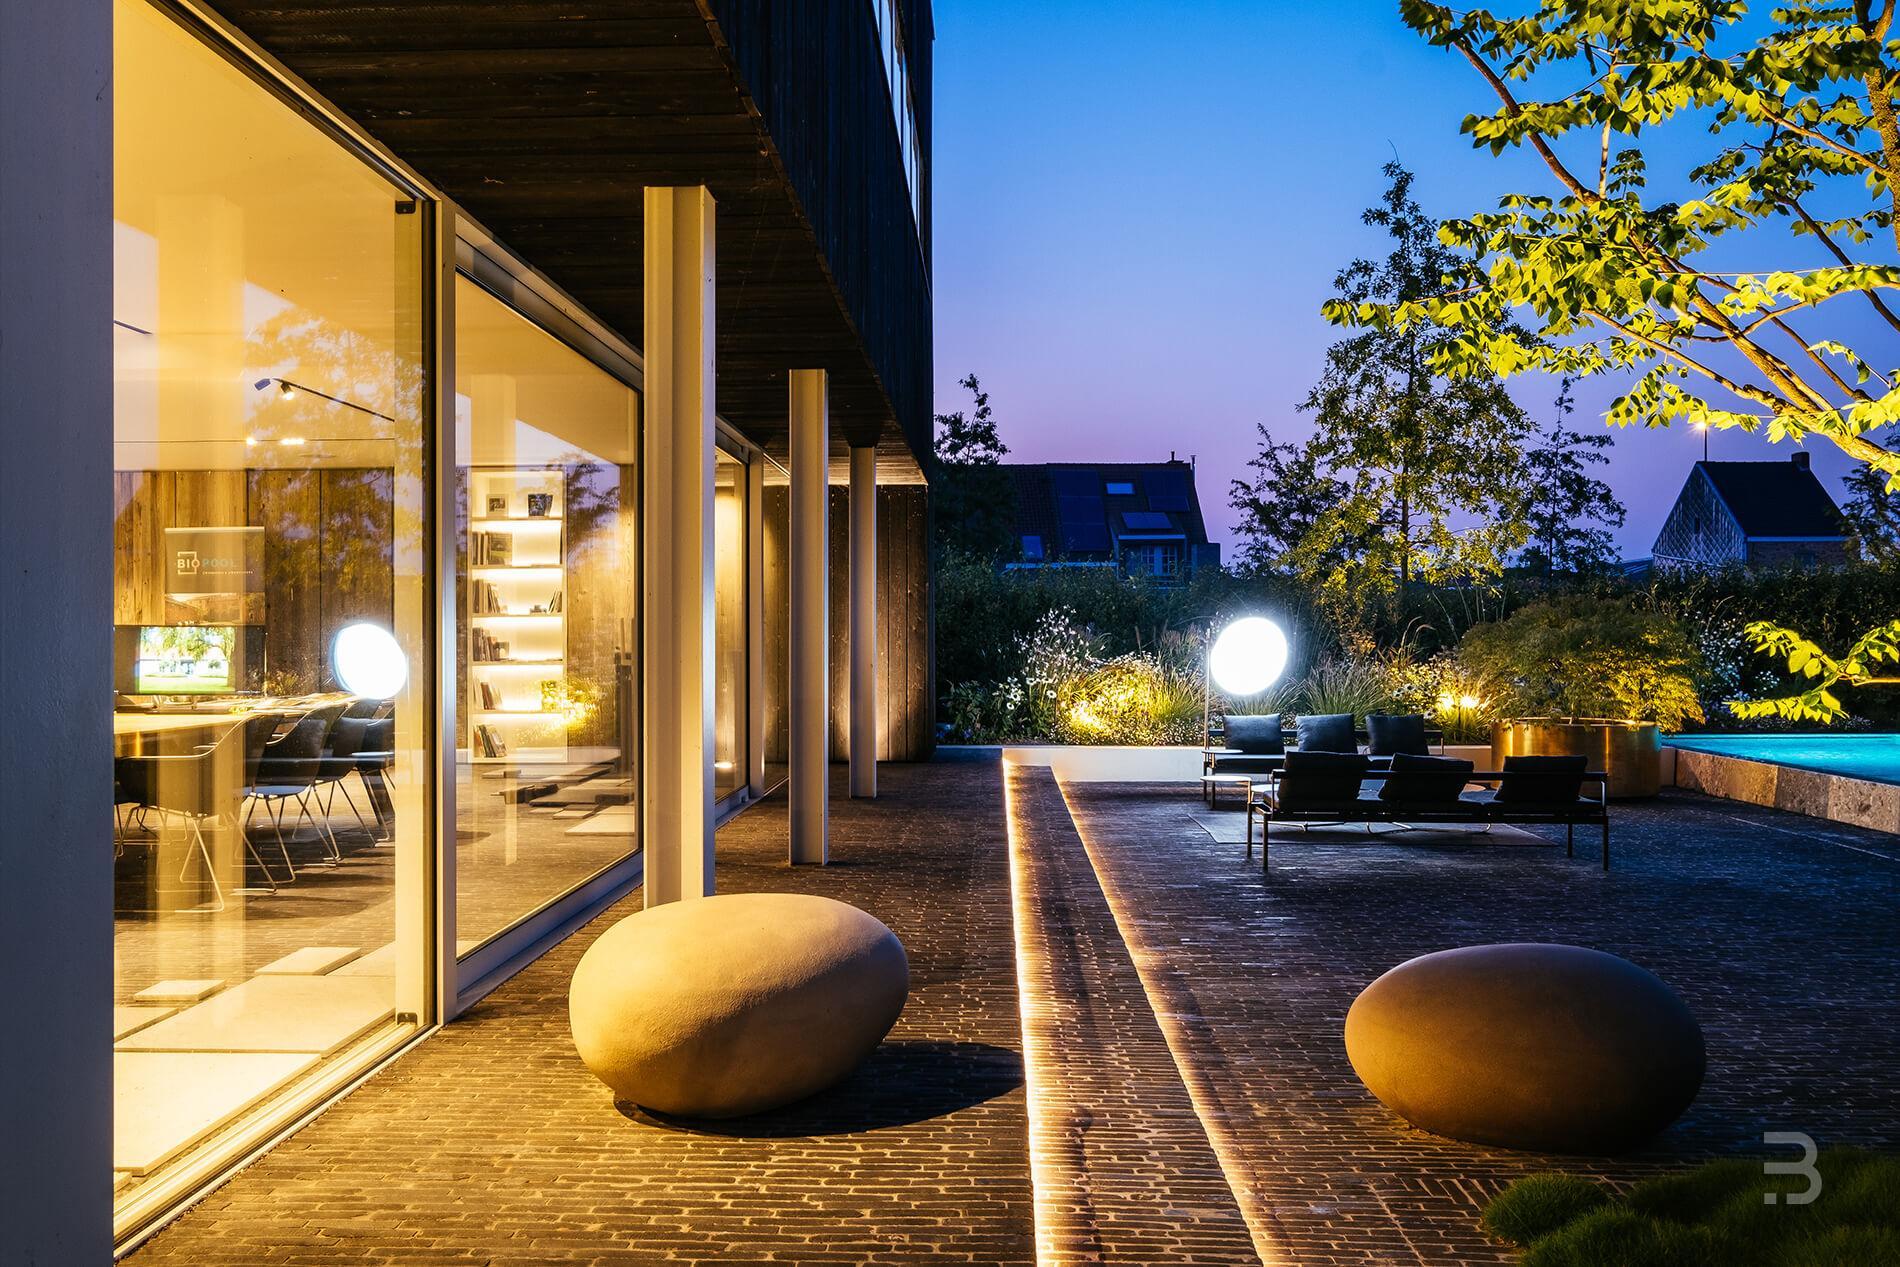 Afbeelding project Bedrijfstuin met hedendaags accent verwelkomt de klanten